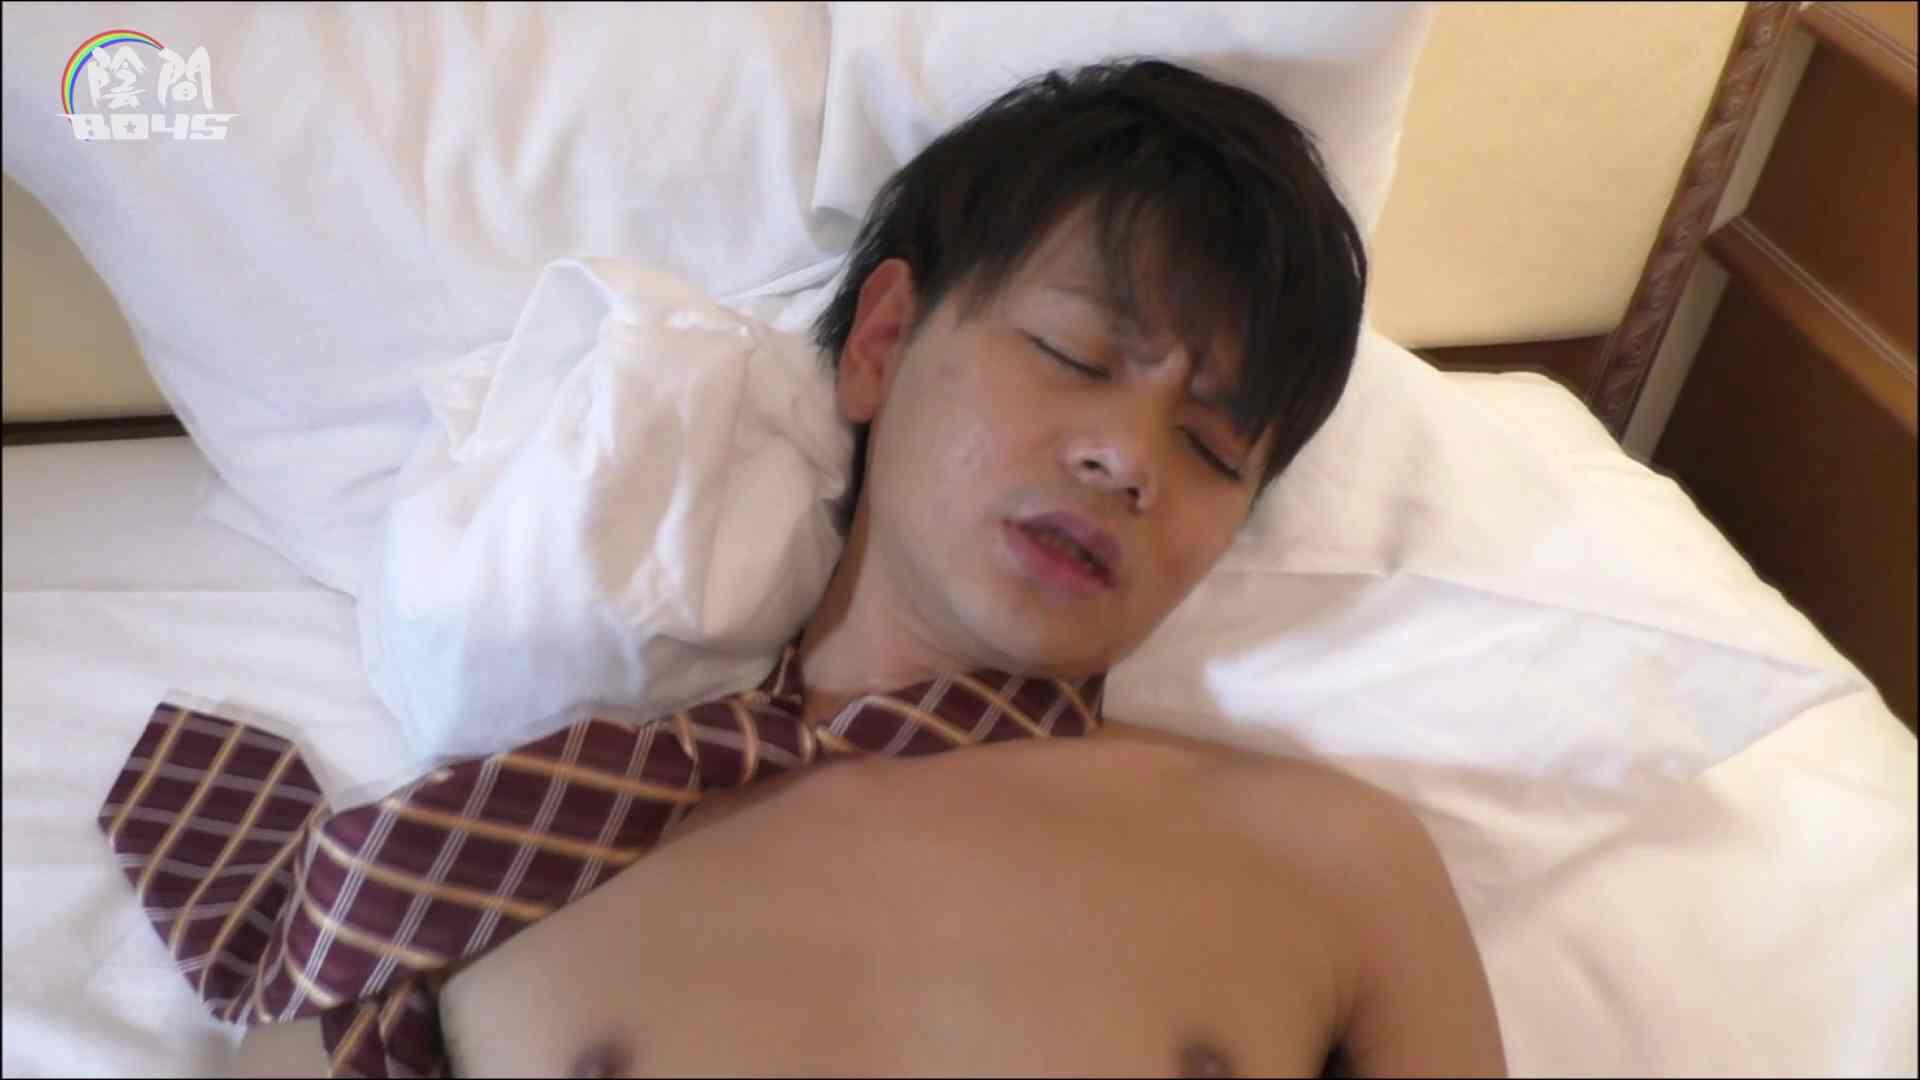 陰間BOYS~キャバクラの仕事はアナルから4 Vol.04 まじ生挿入 ゲイ無修正画像 101pic 76